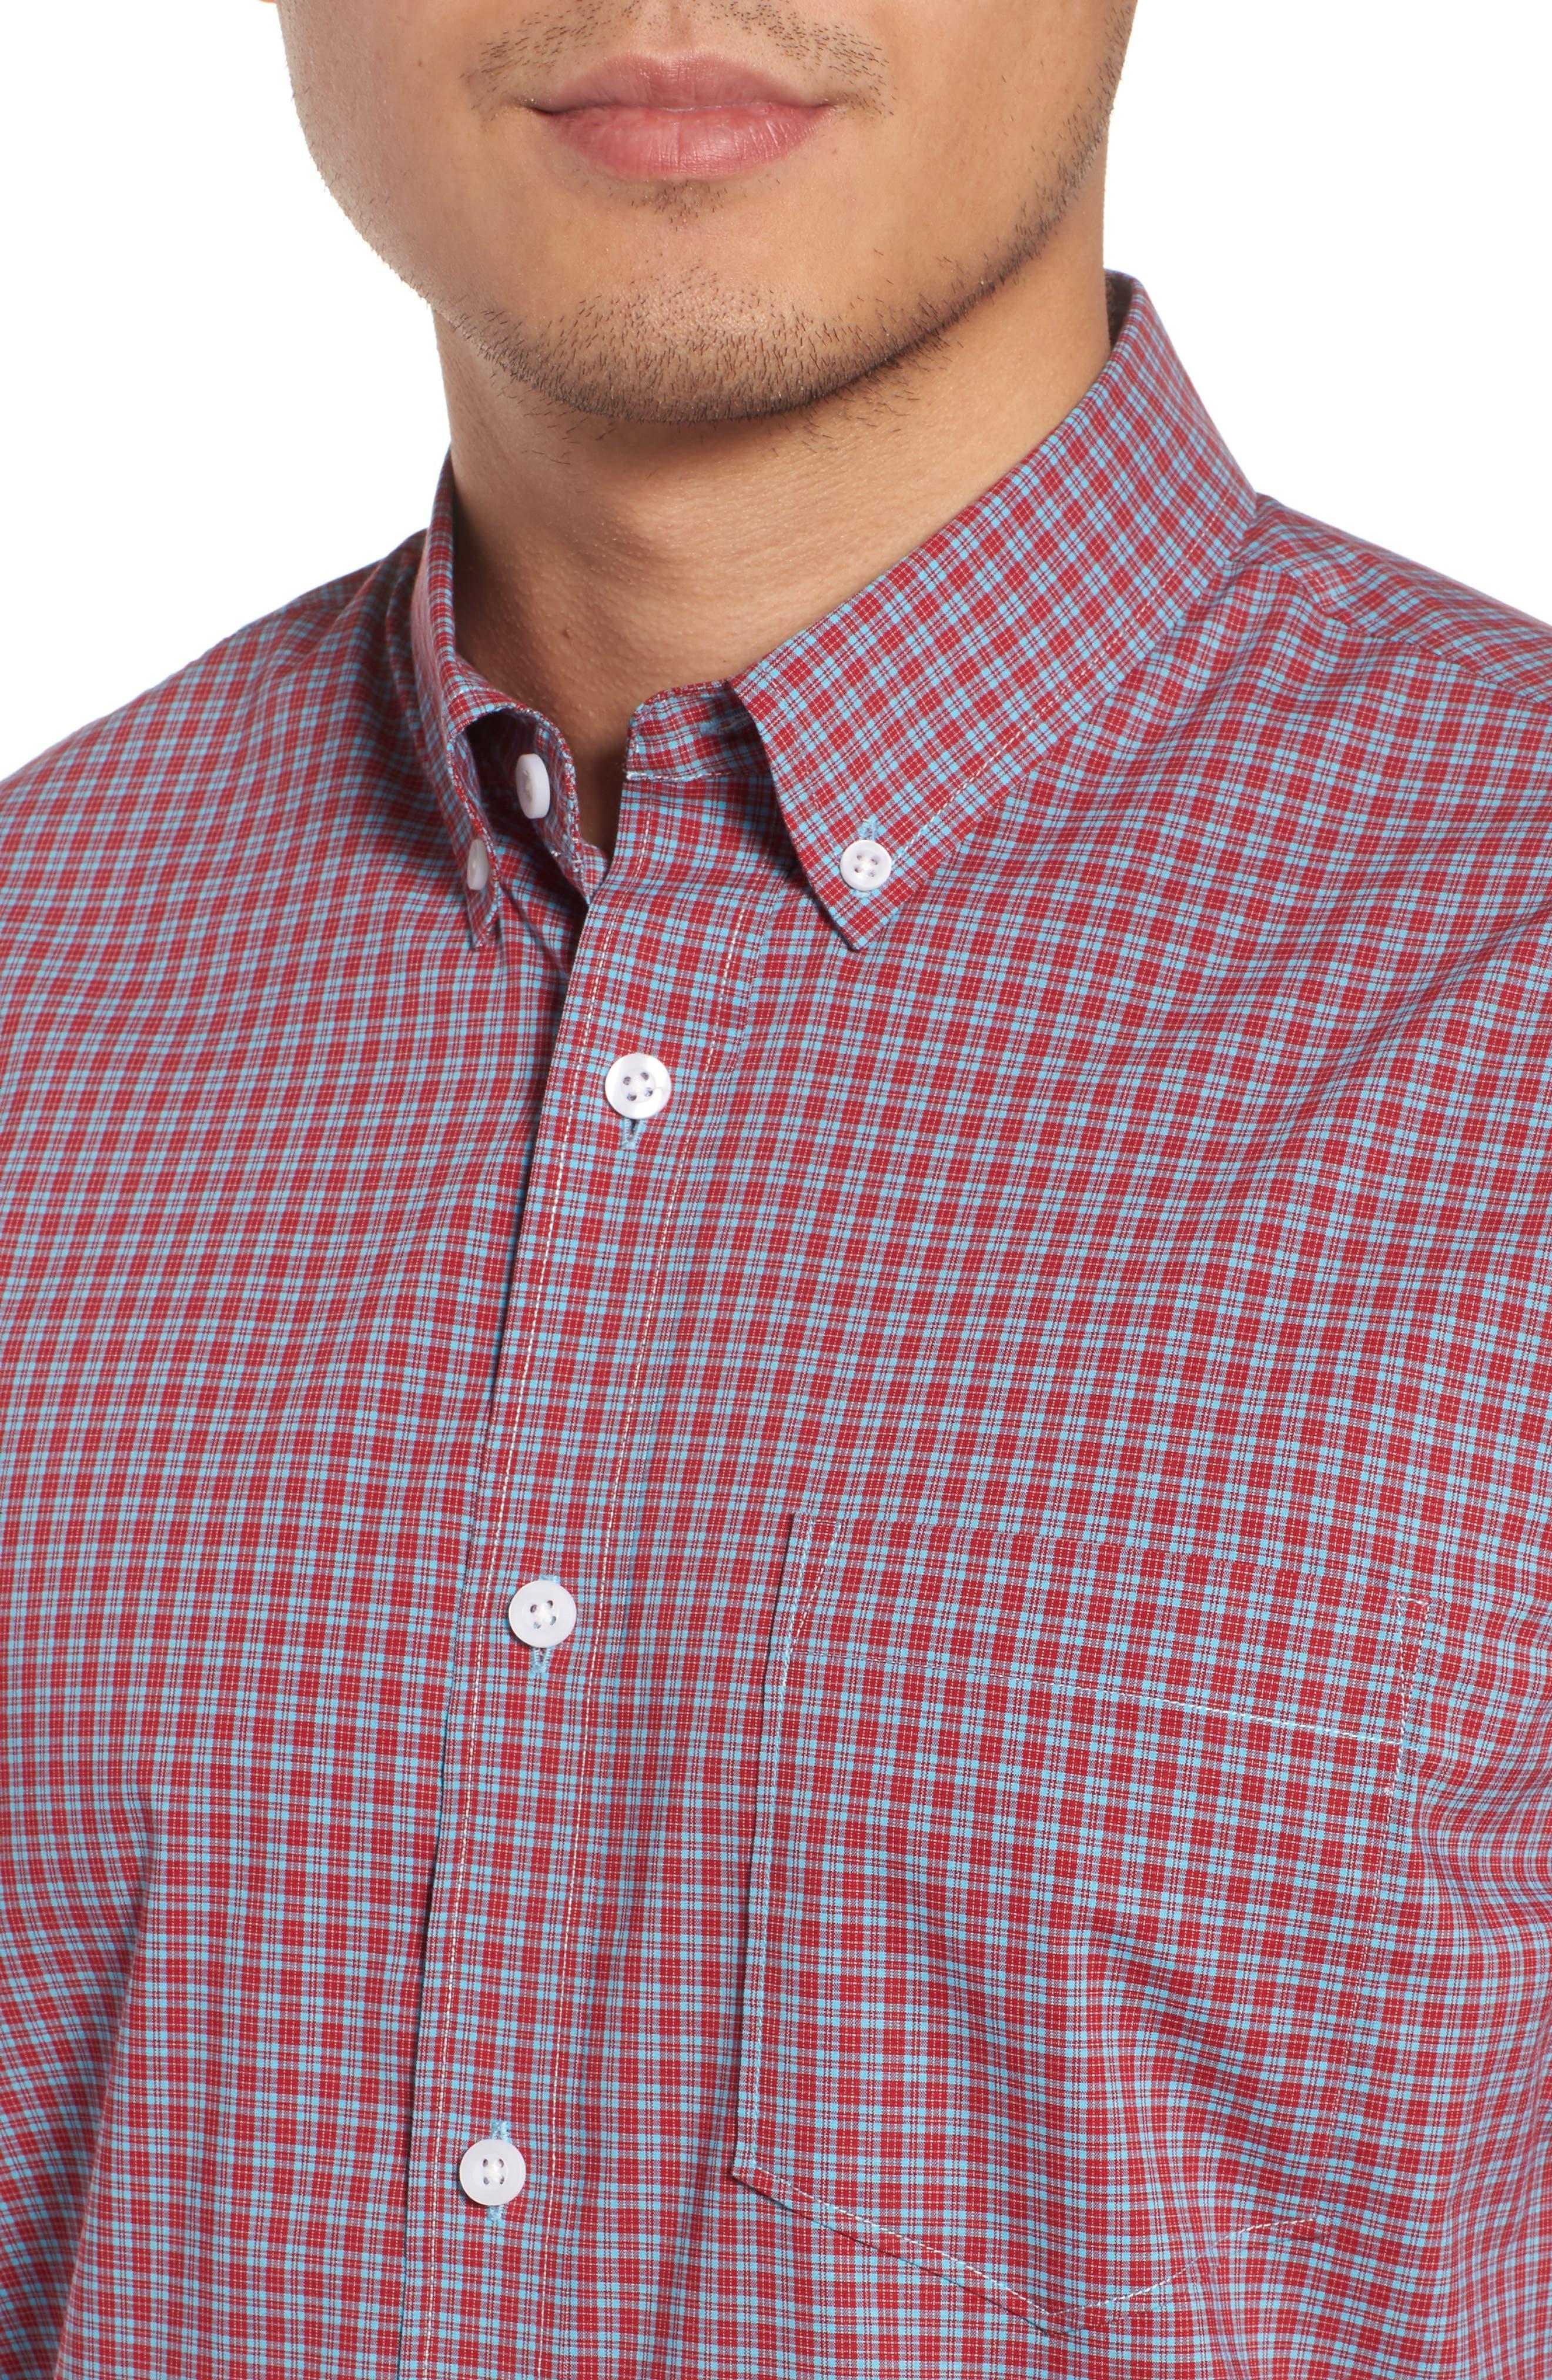 Tech-Smart Trim Fit Check Sport Shirt,                             Alternate thumbnail 4, color,                             610